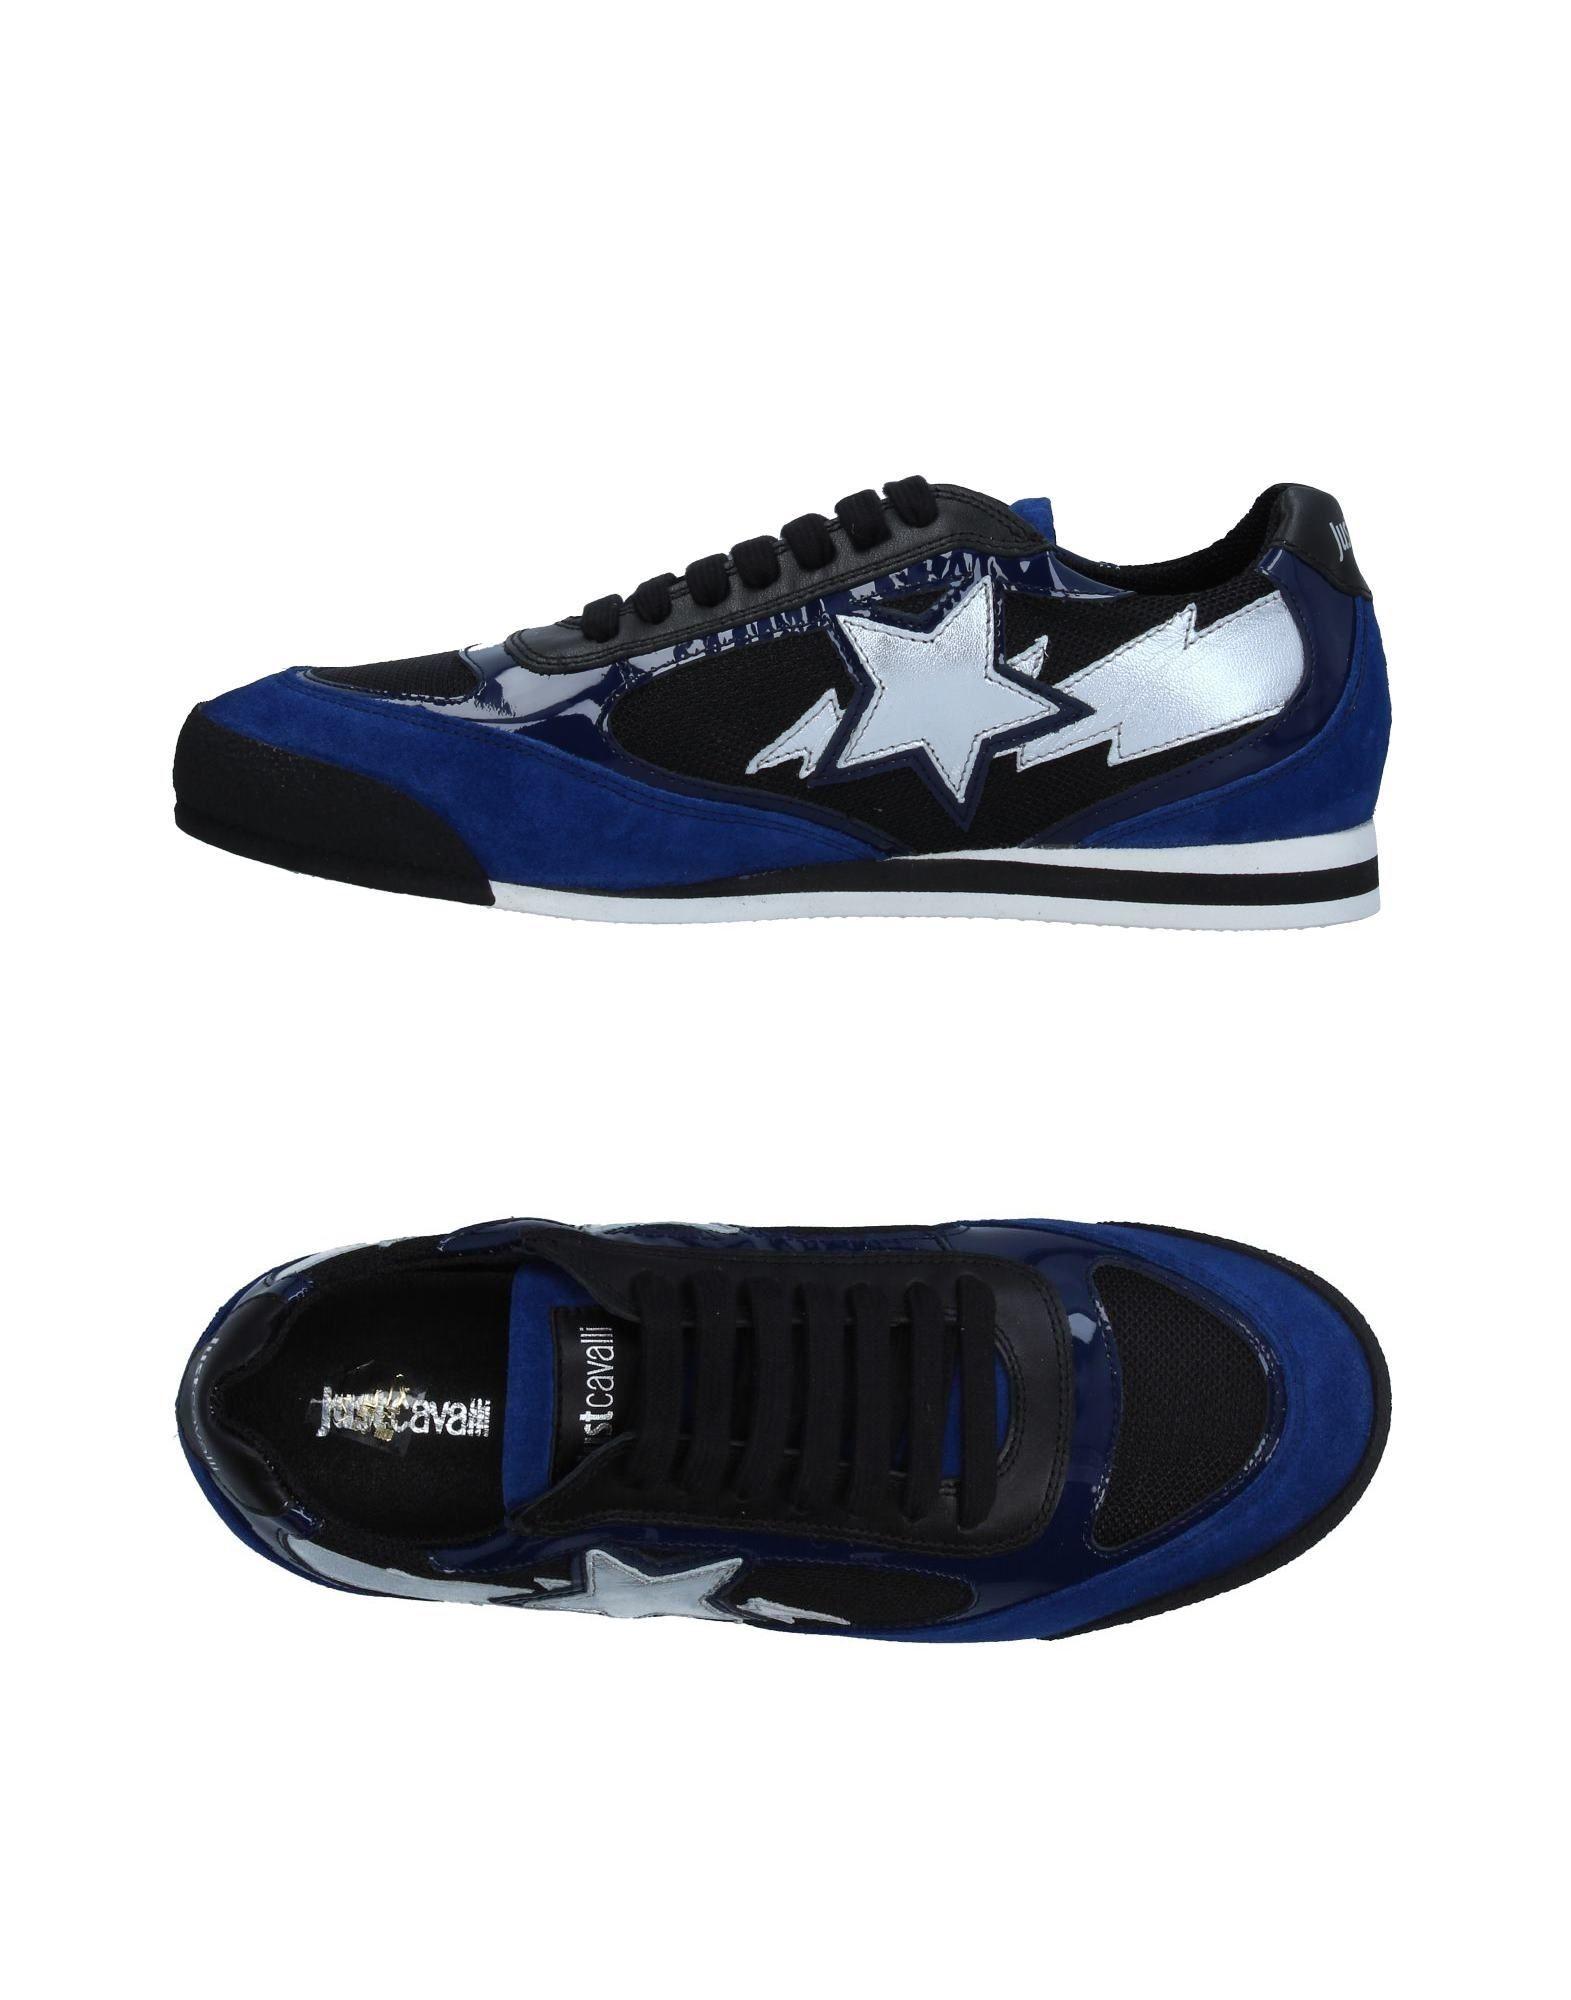 Sneakers Just Cavalli Homme - Sneakers Just Cavalli  Noir Dernières chaussures discount pour hommes et femmes